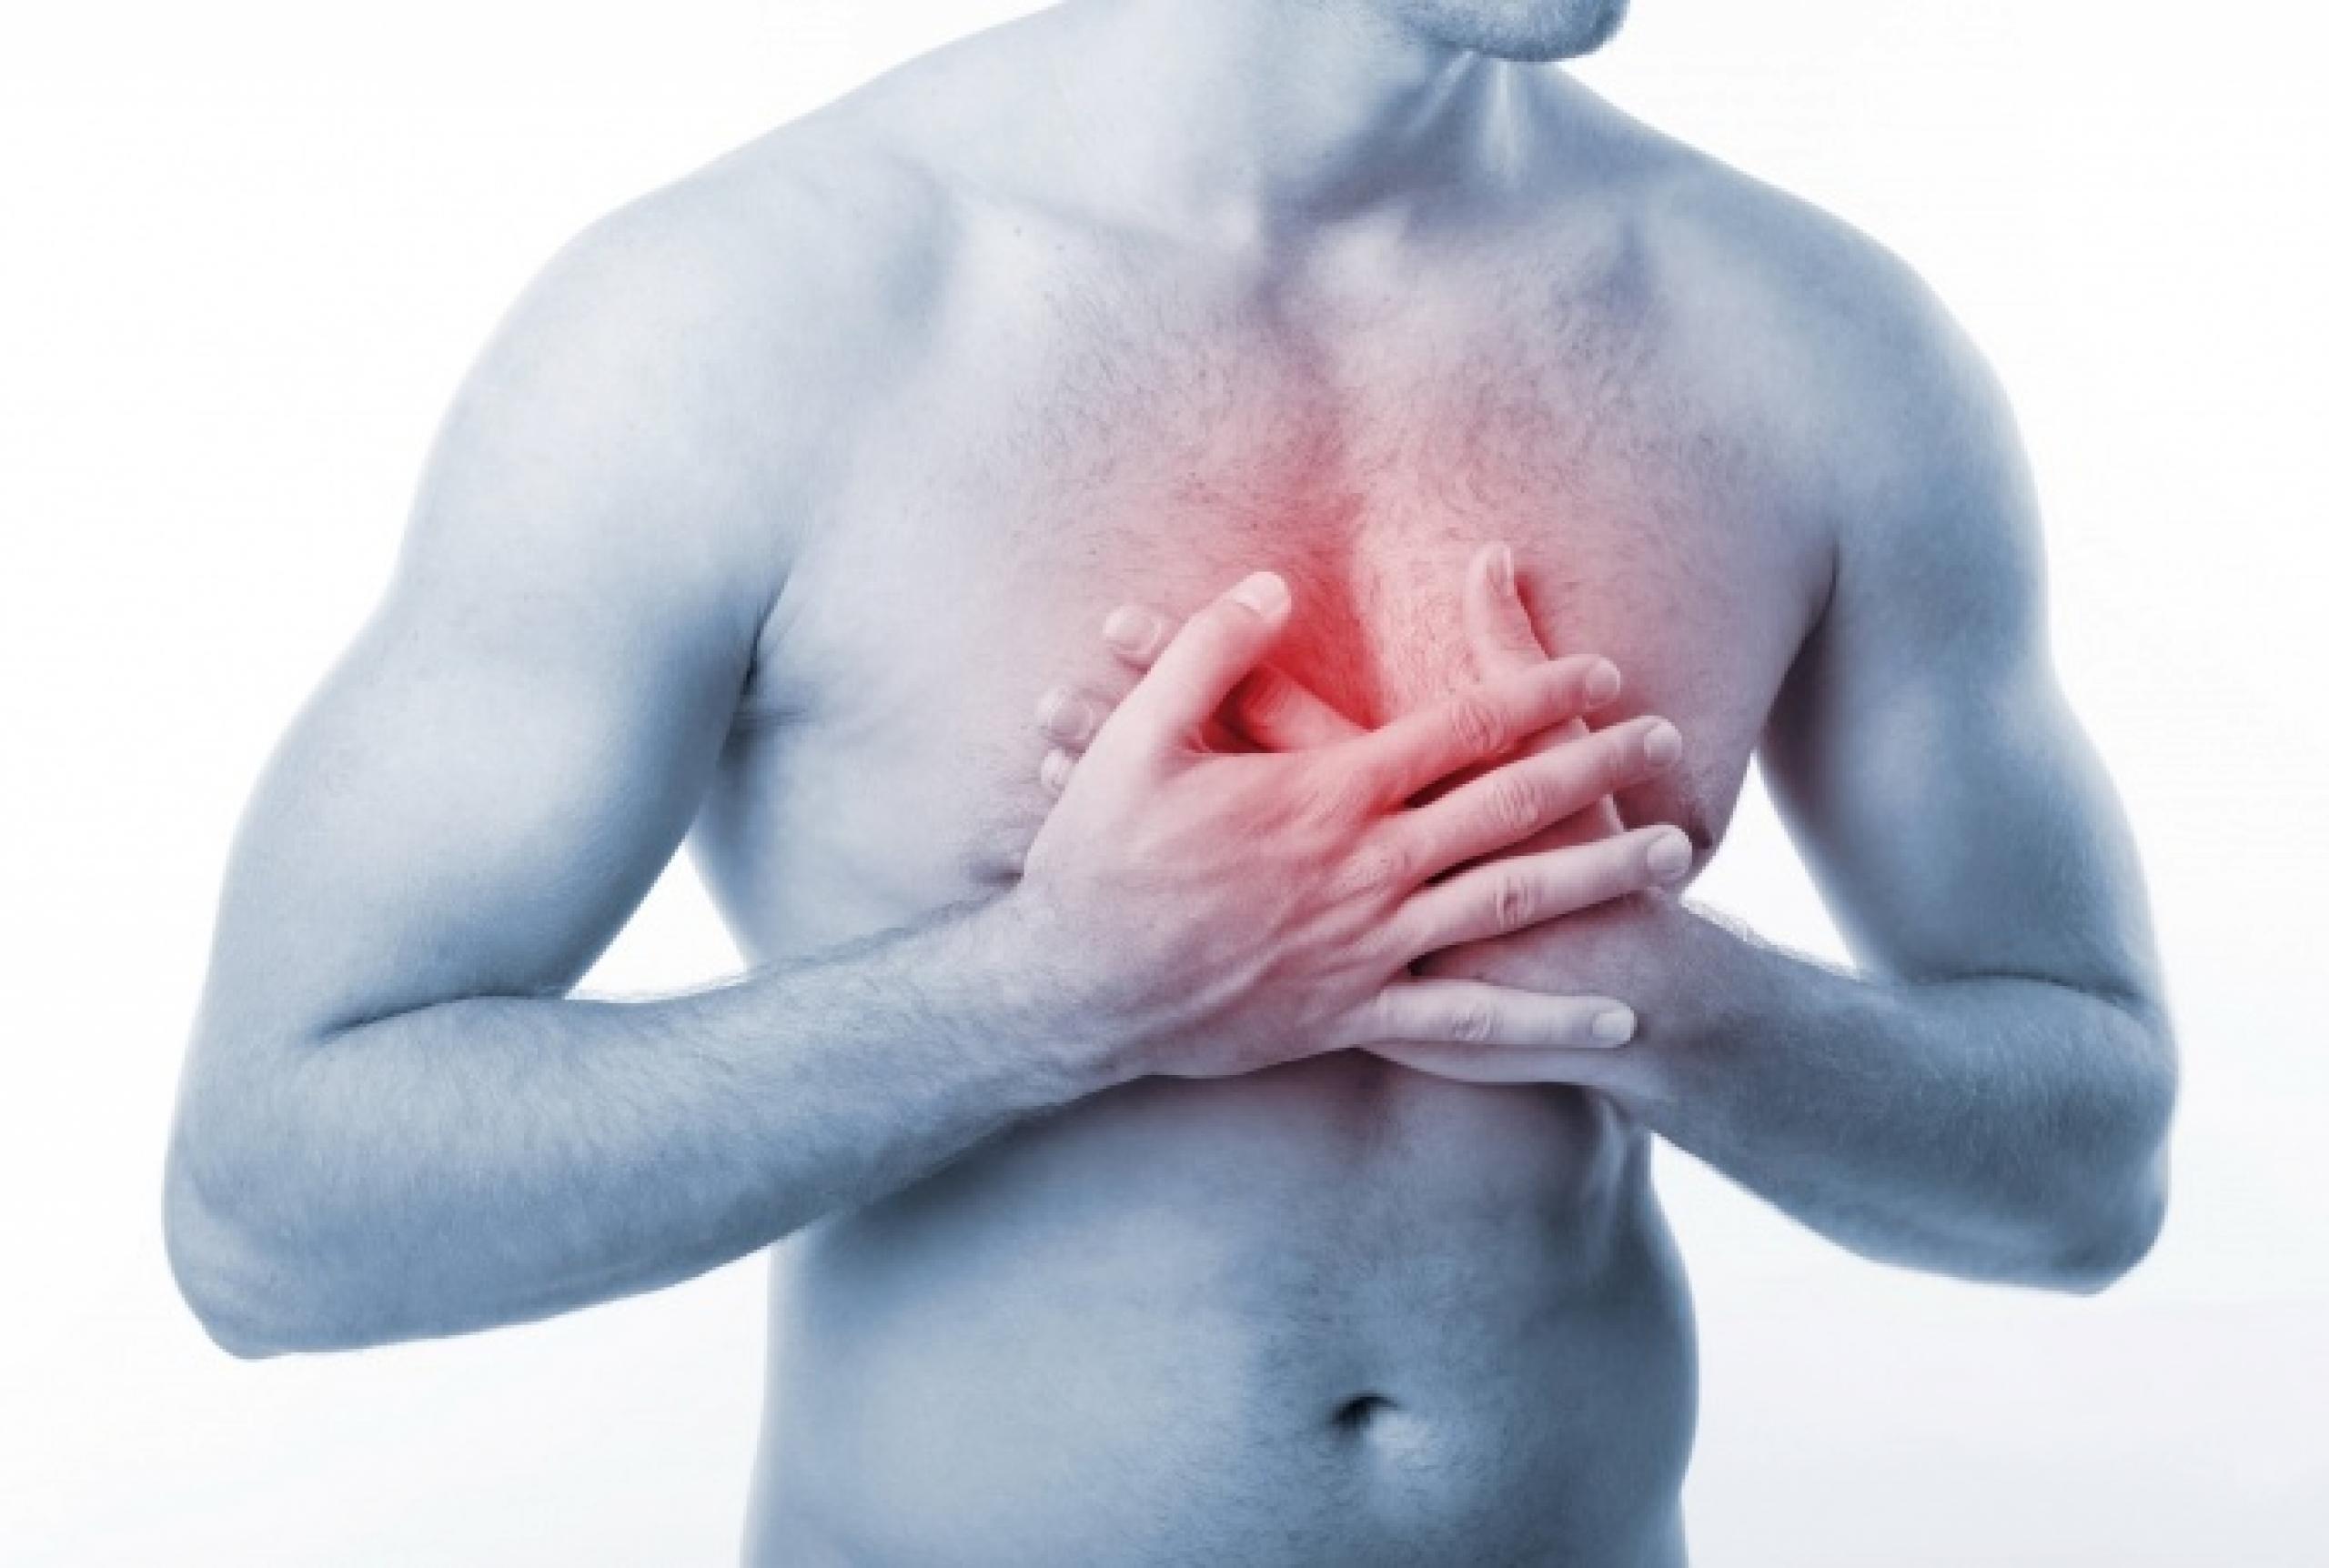 Болит сердце: что делать и пить при сильных болях 75